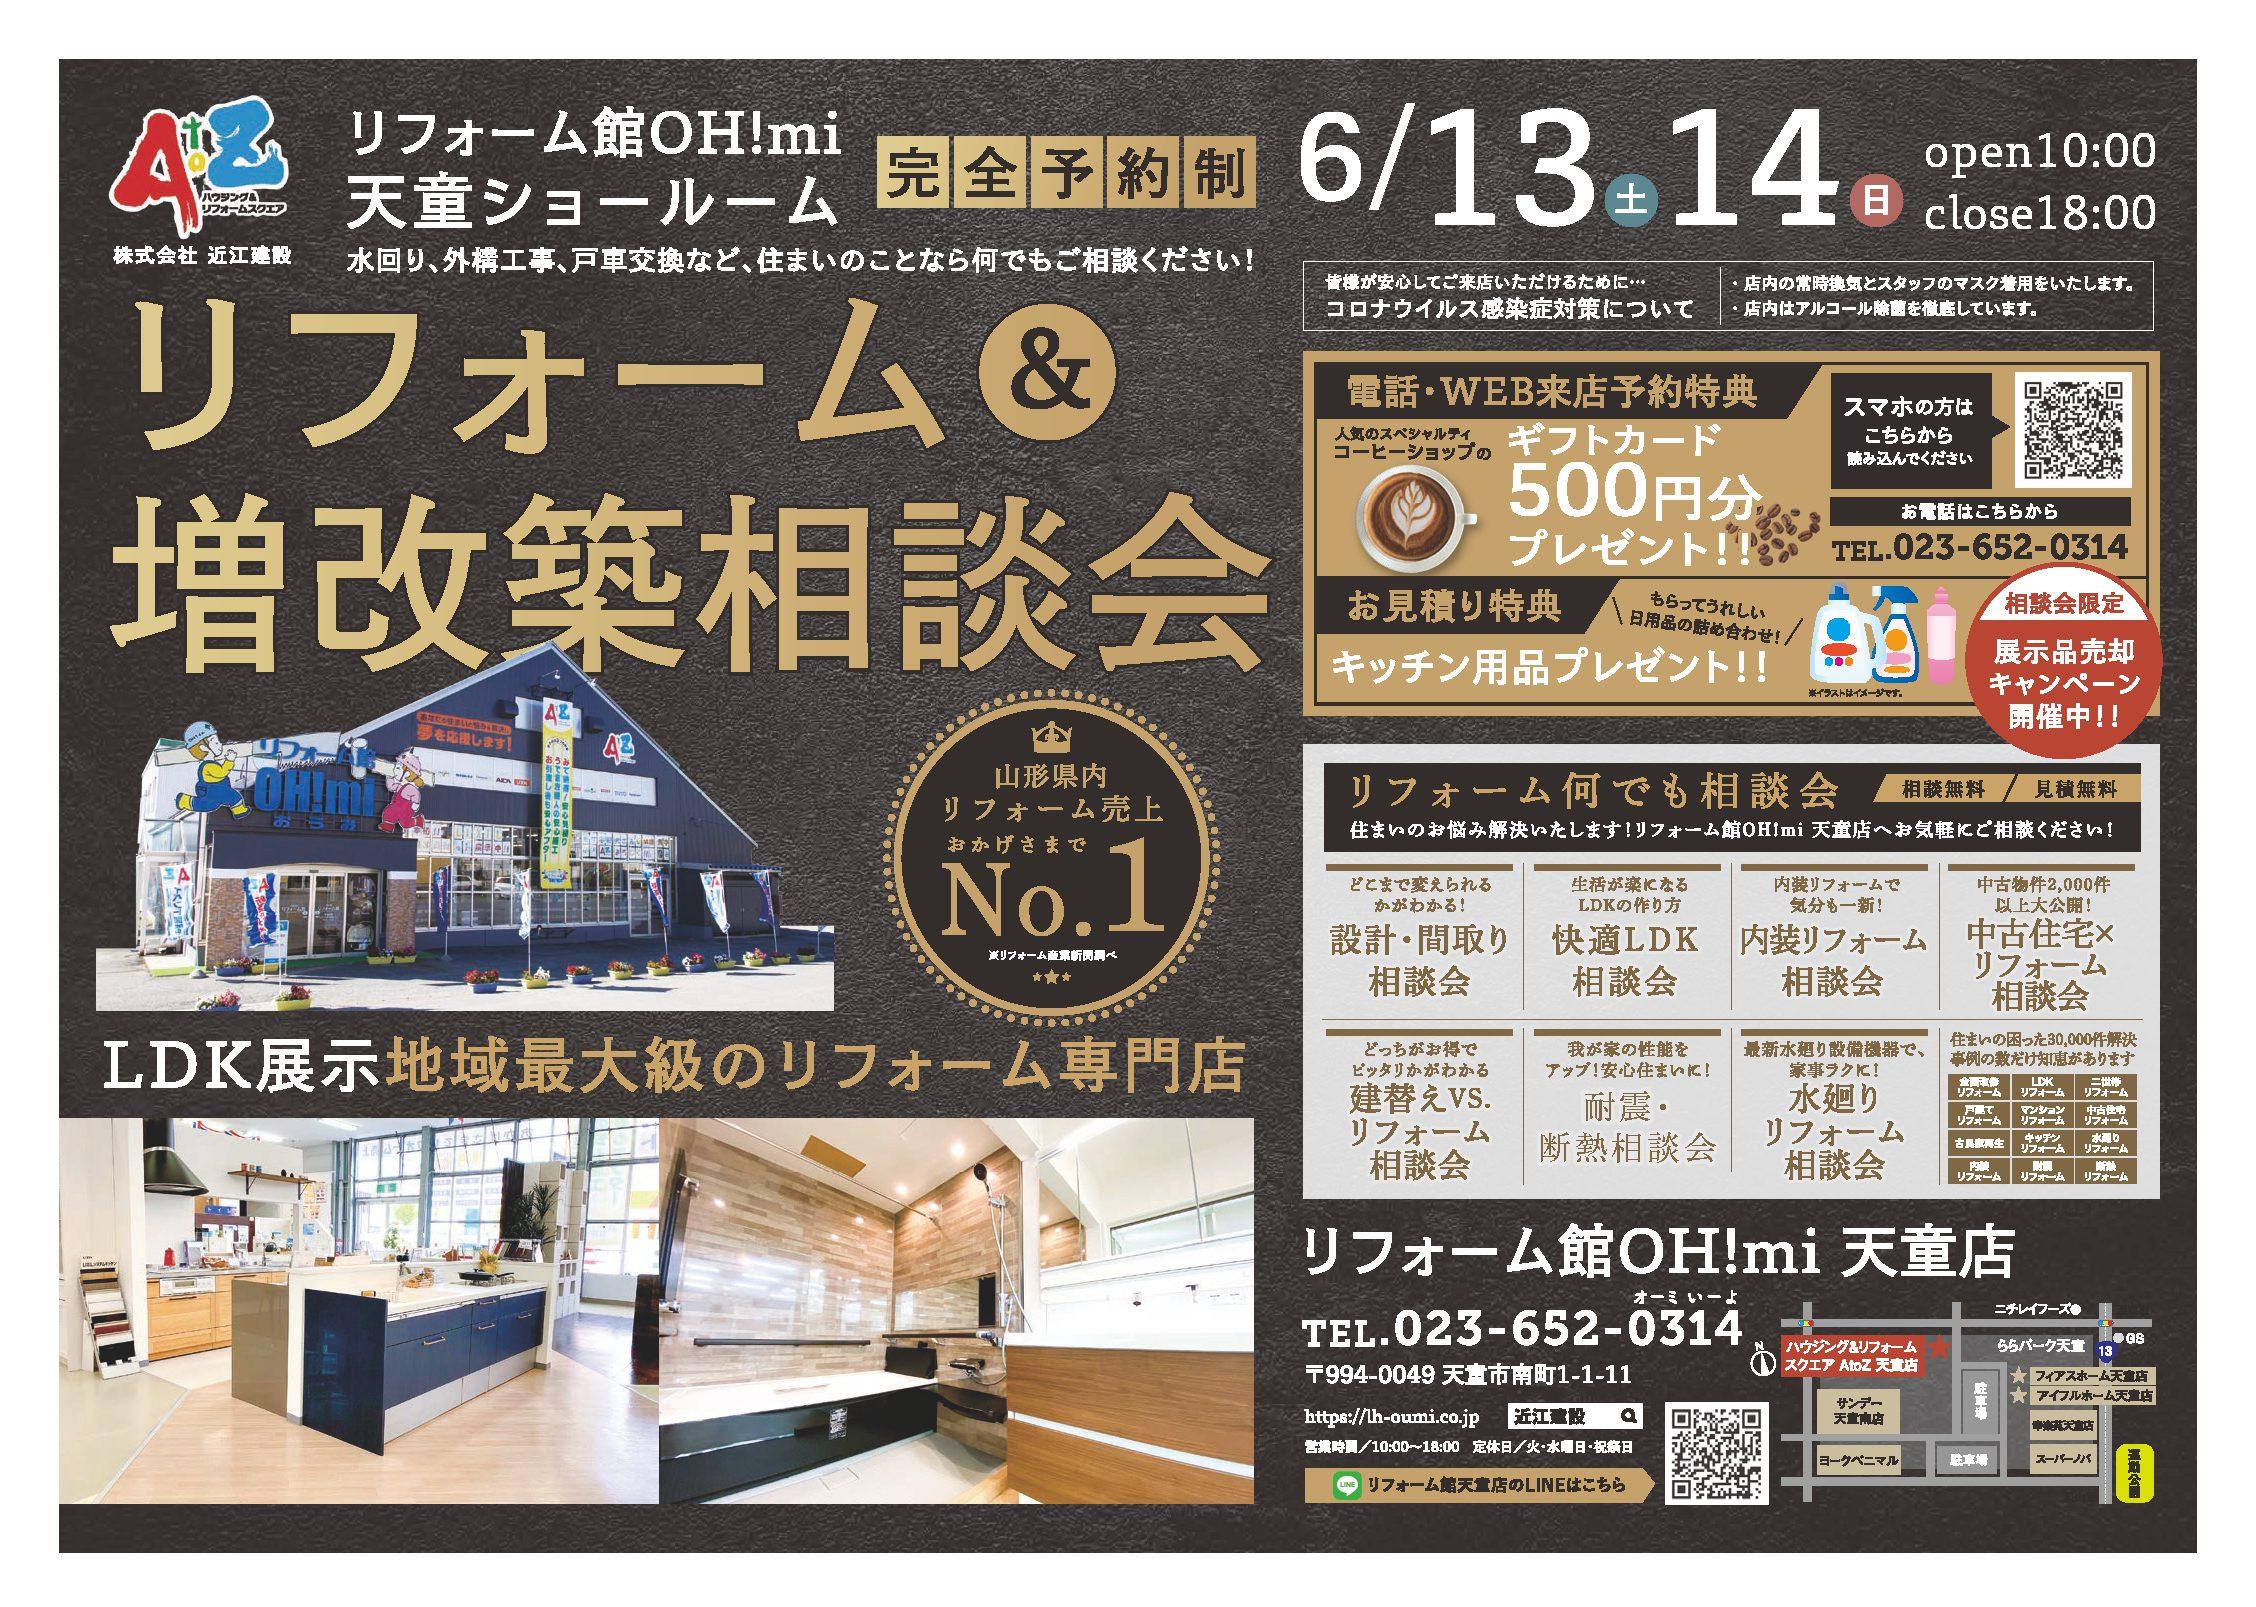 株式会社近江建設 リフォーム館天童店 イベント情報